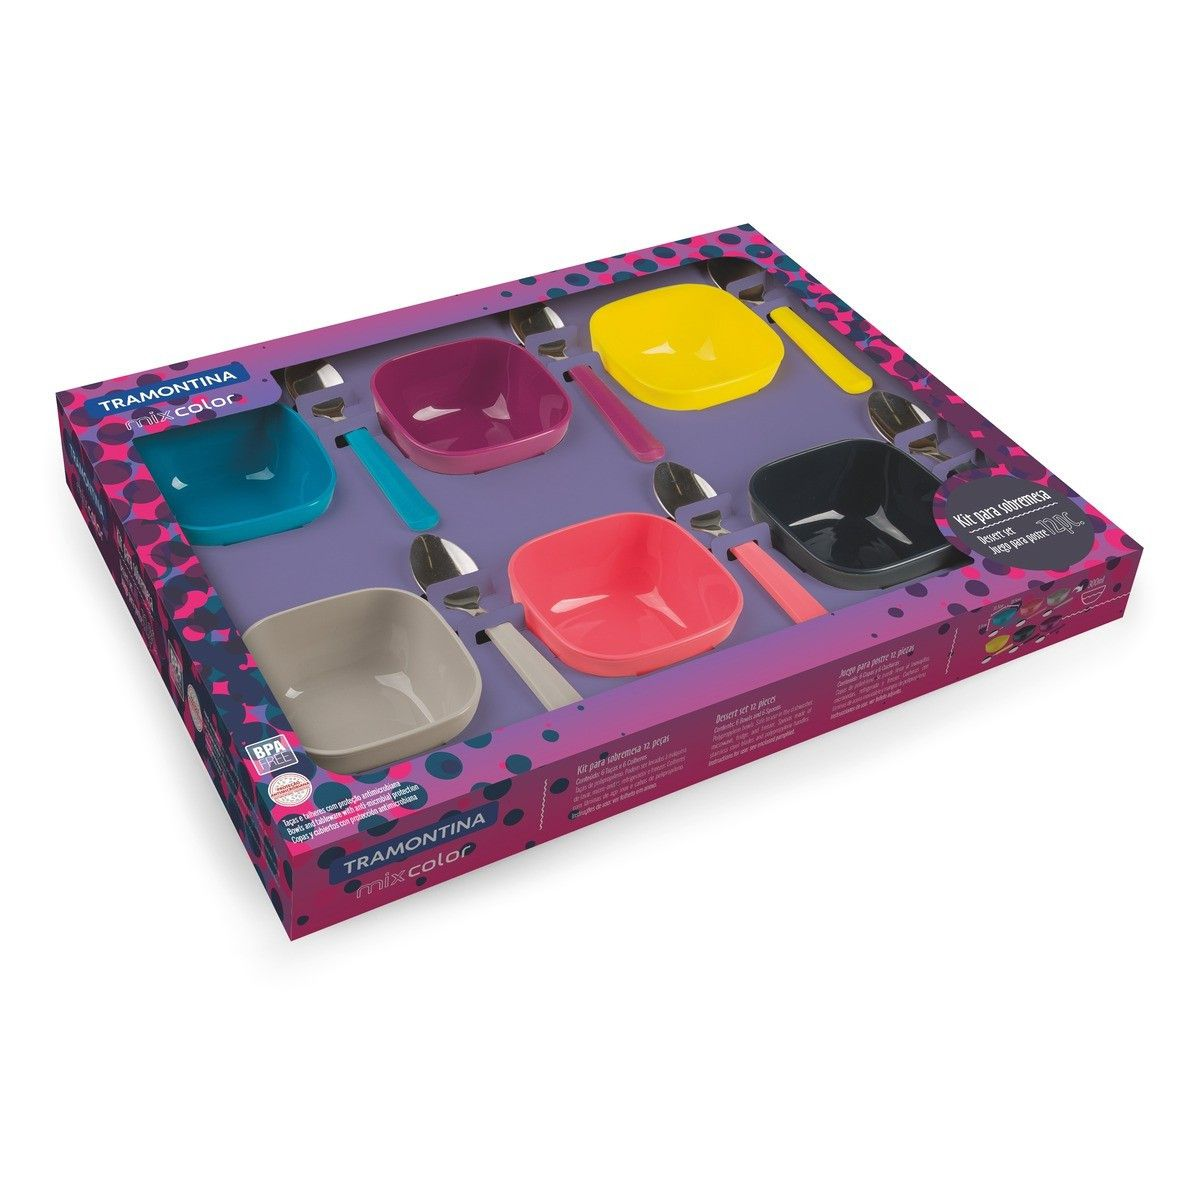 Kit para Sobremesa Tramontina Mixcolor 25099943 - 12 Peças